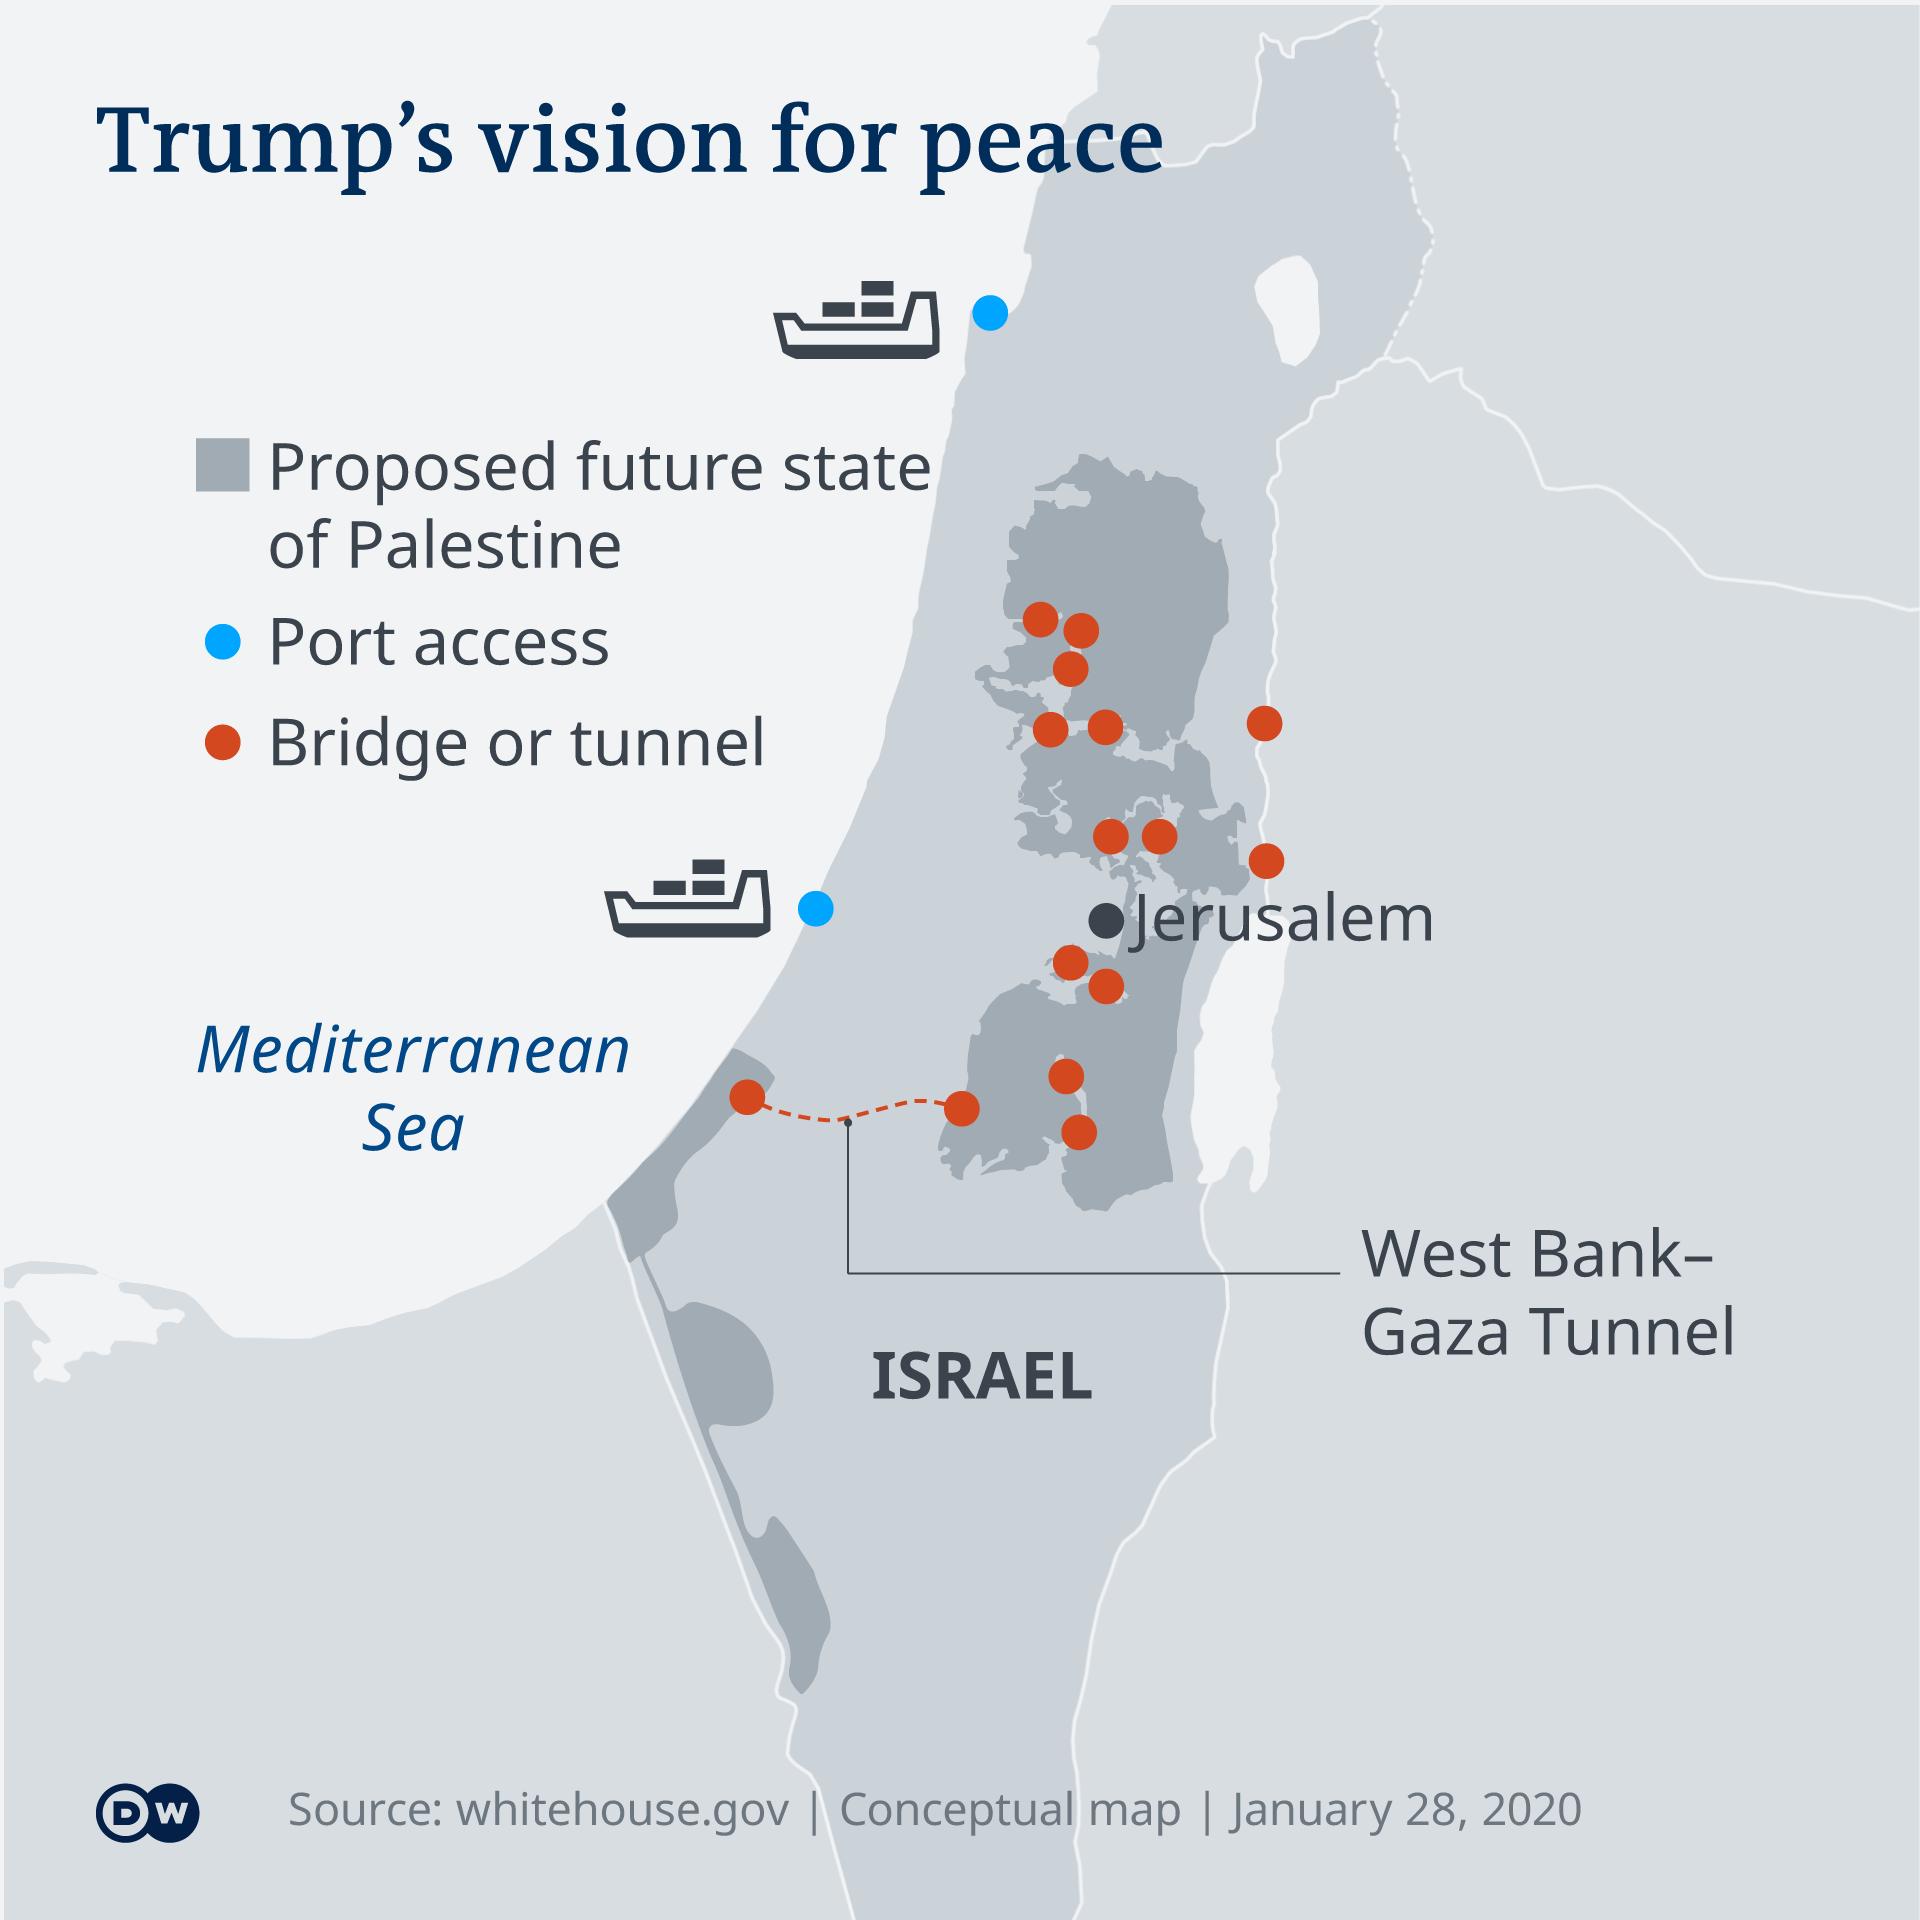 Rencana damai yang diusulkan Amerika Serikat menyerahkan sebagian wilayah Palestina di Tepi Barat kepada Israel